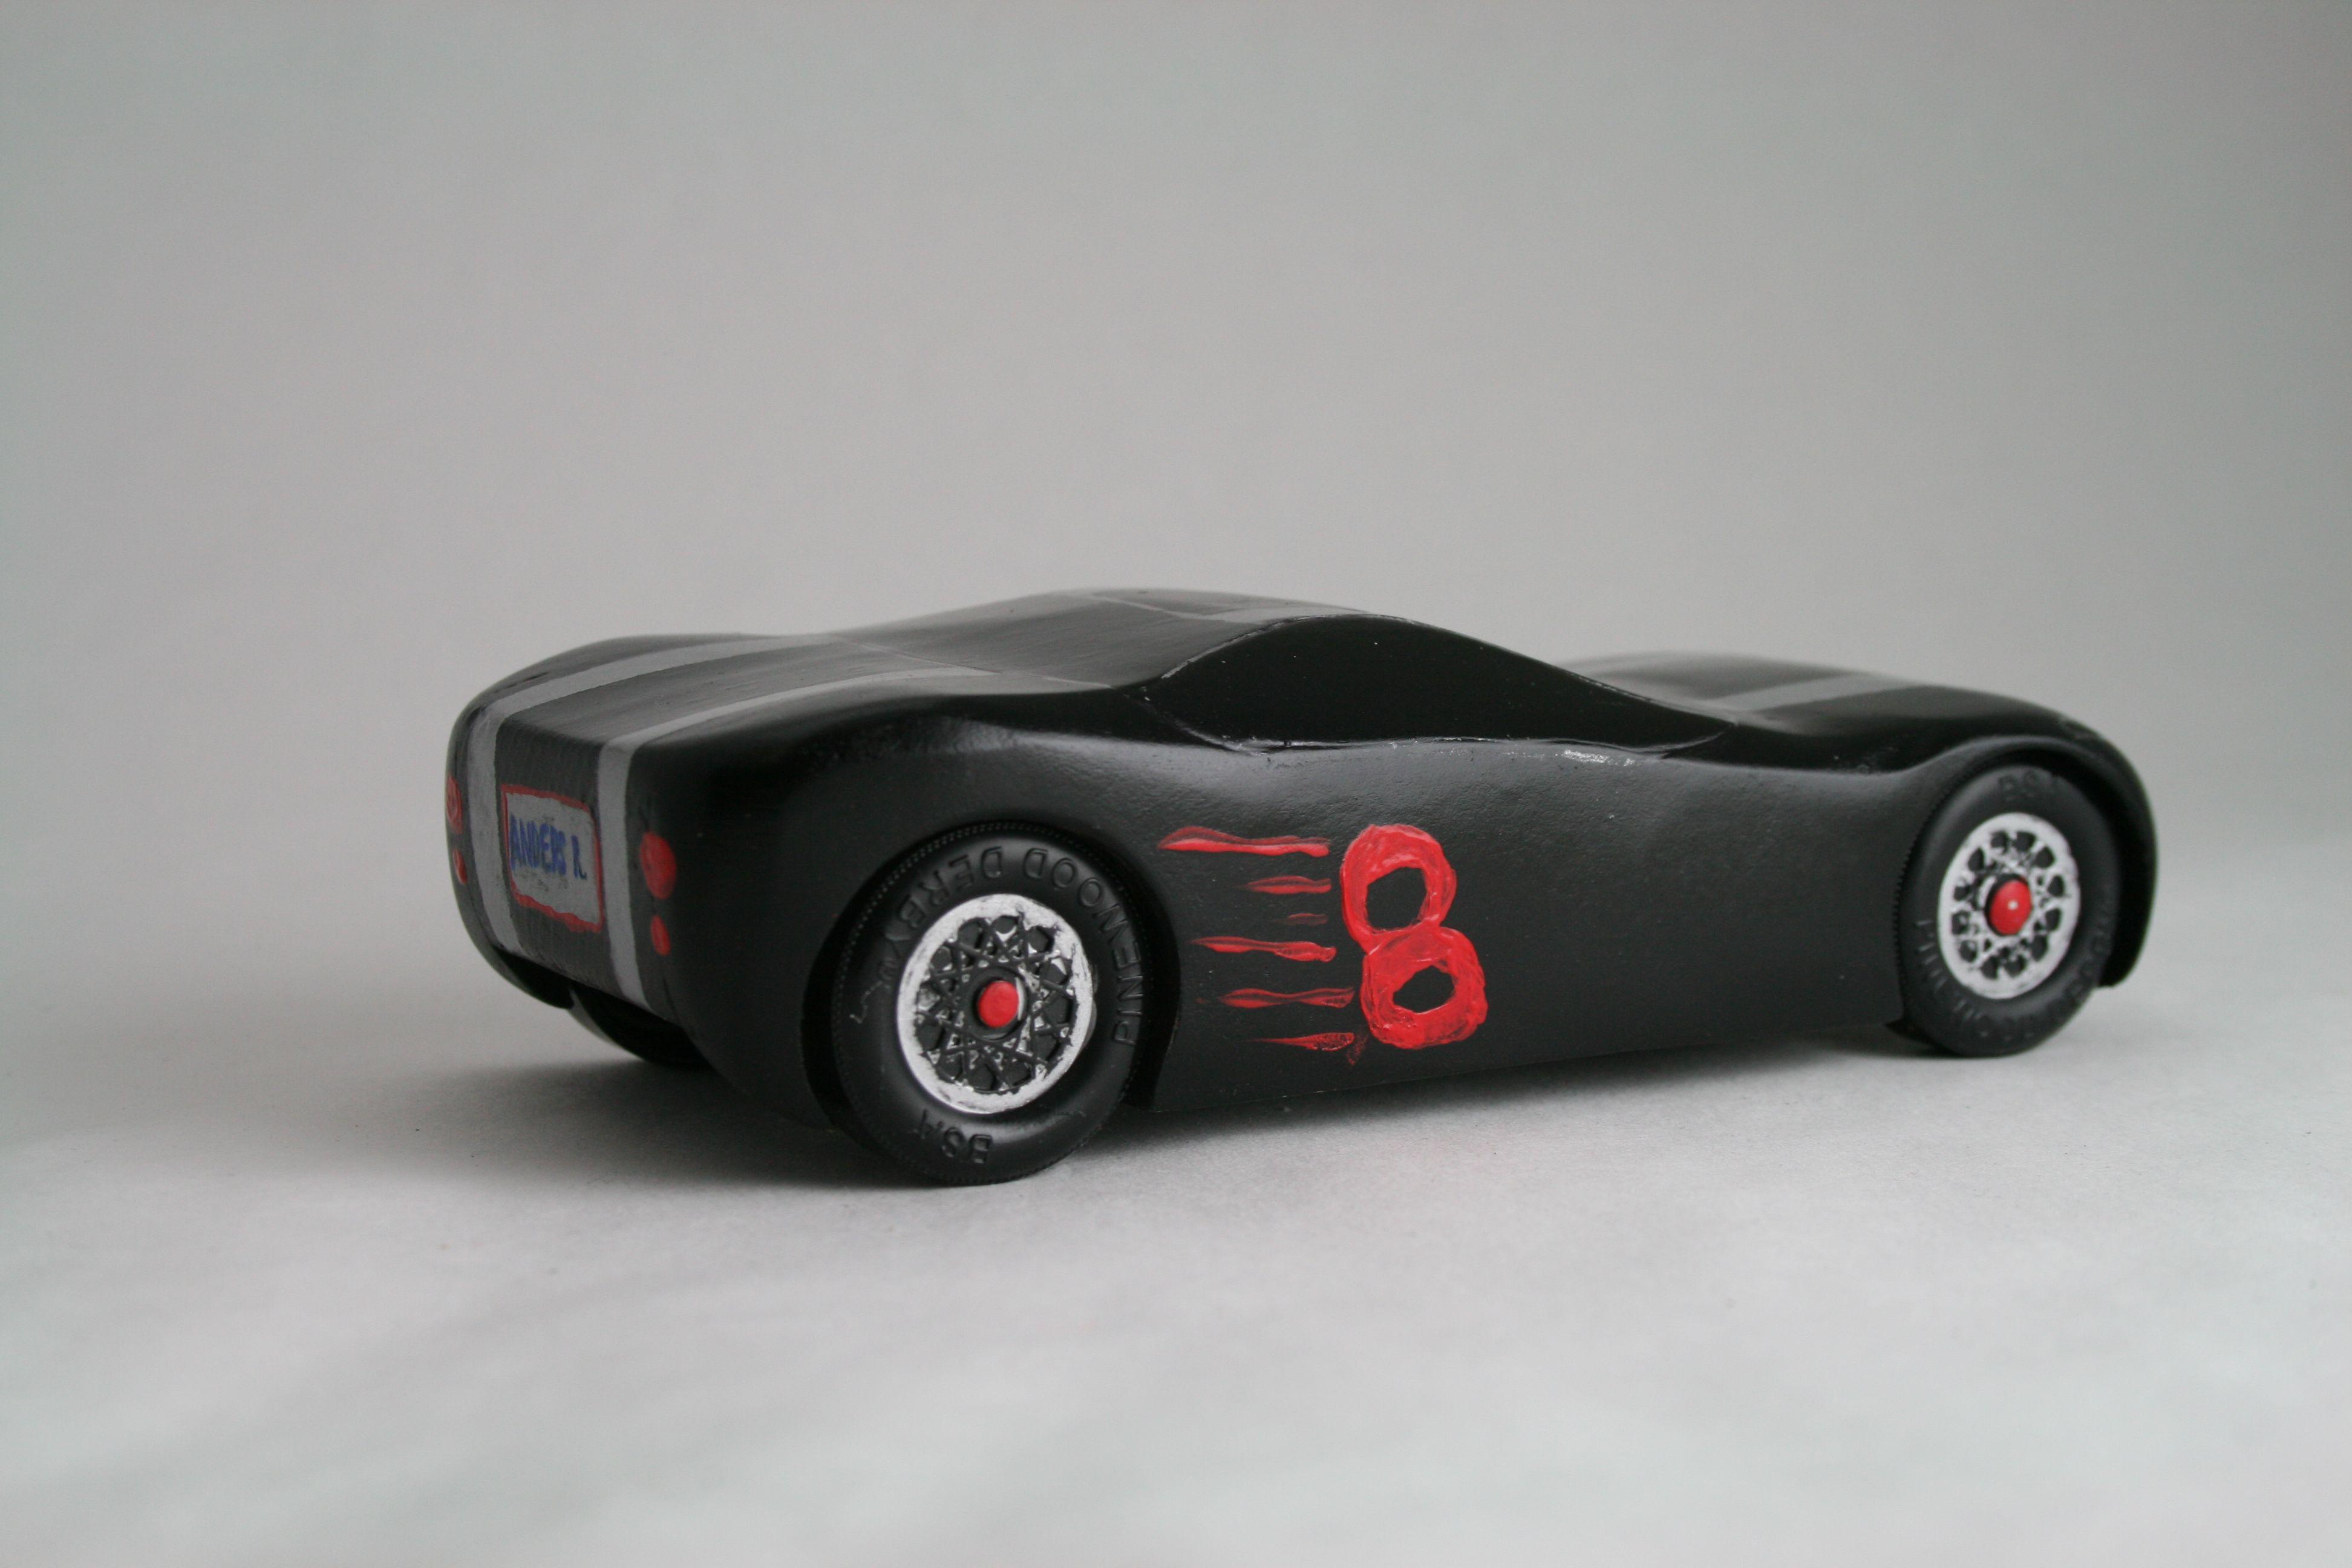 pinewood derby car designs cool pinewood derby car designs www